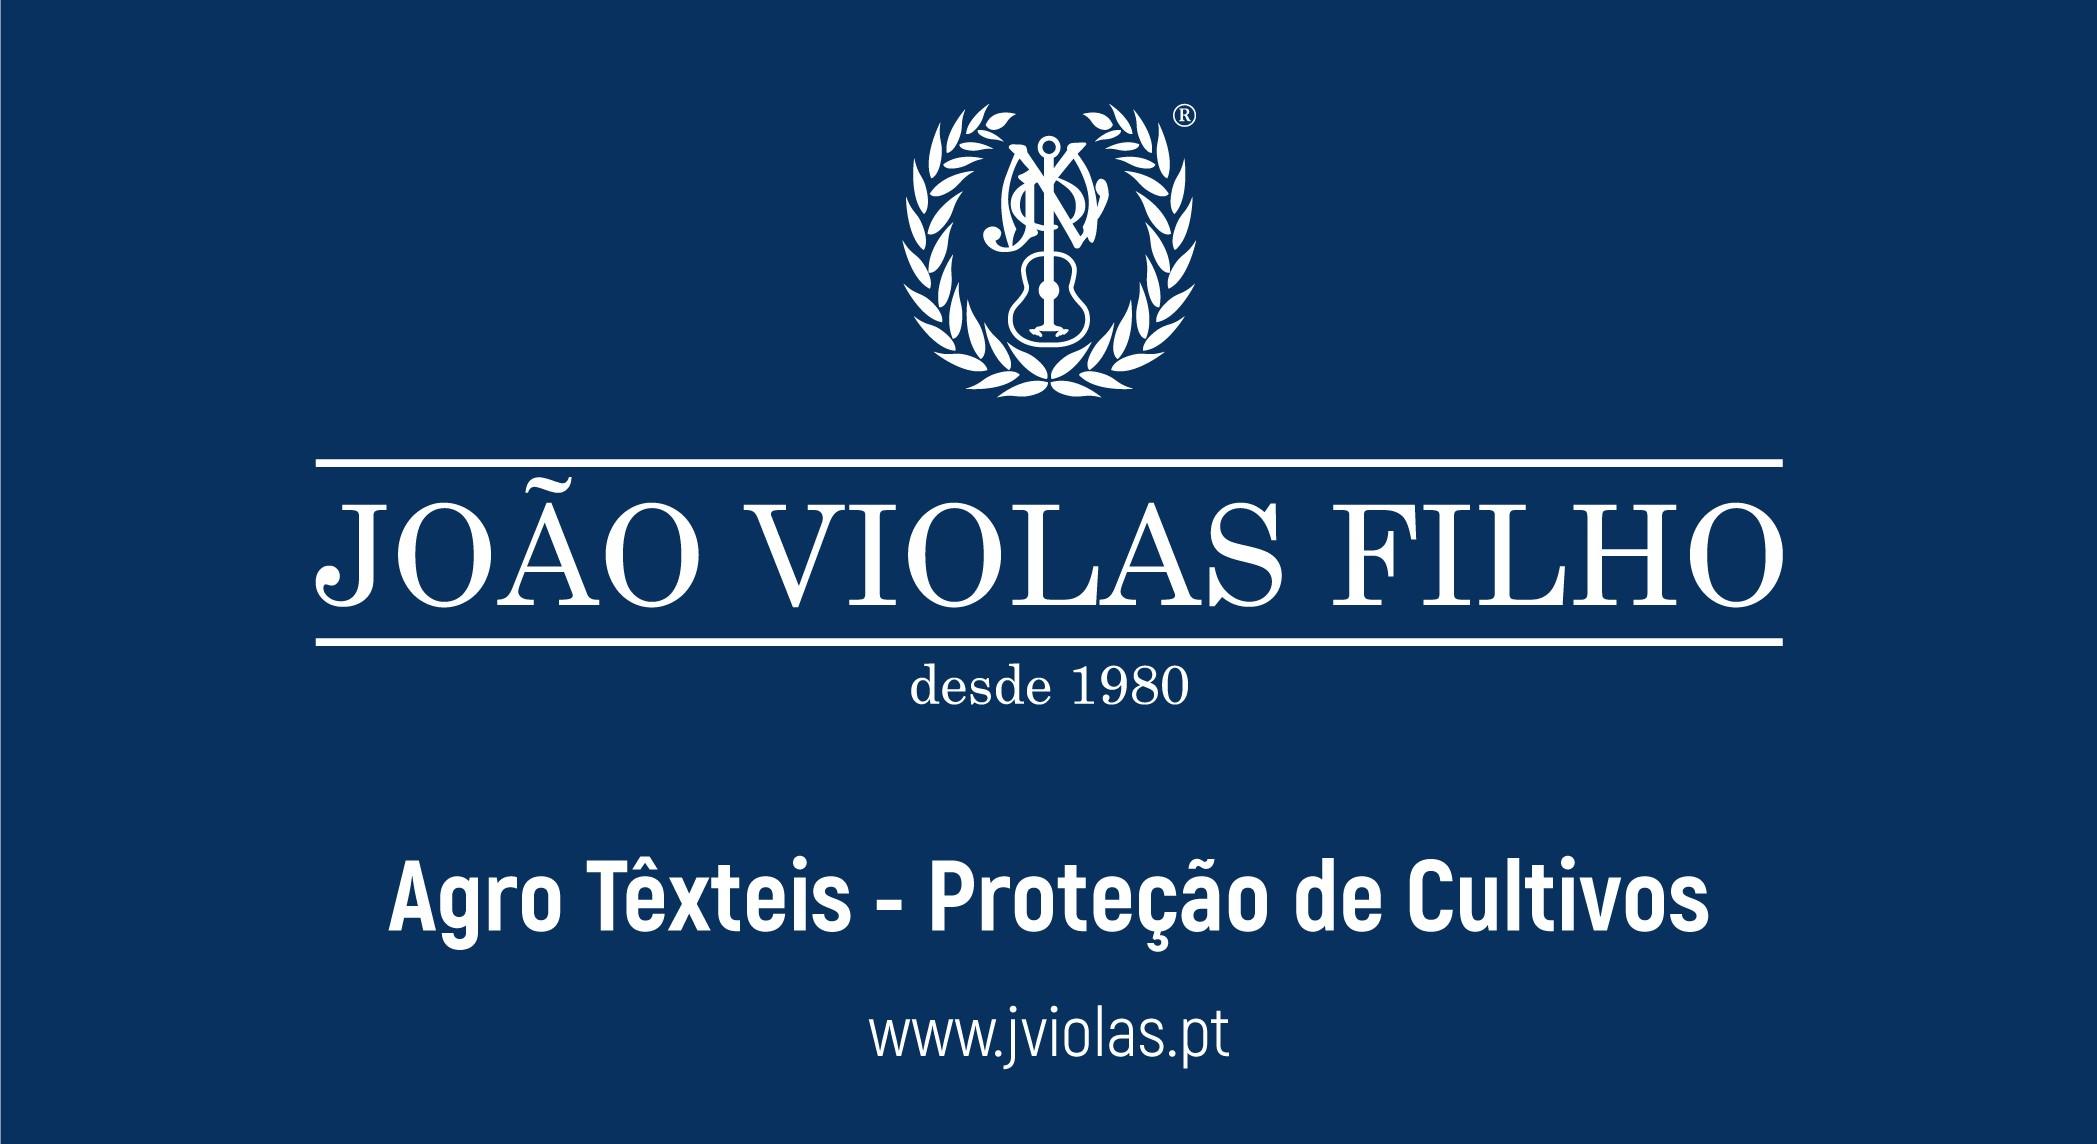 João Violas Filho, Lda.